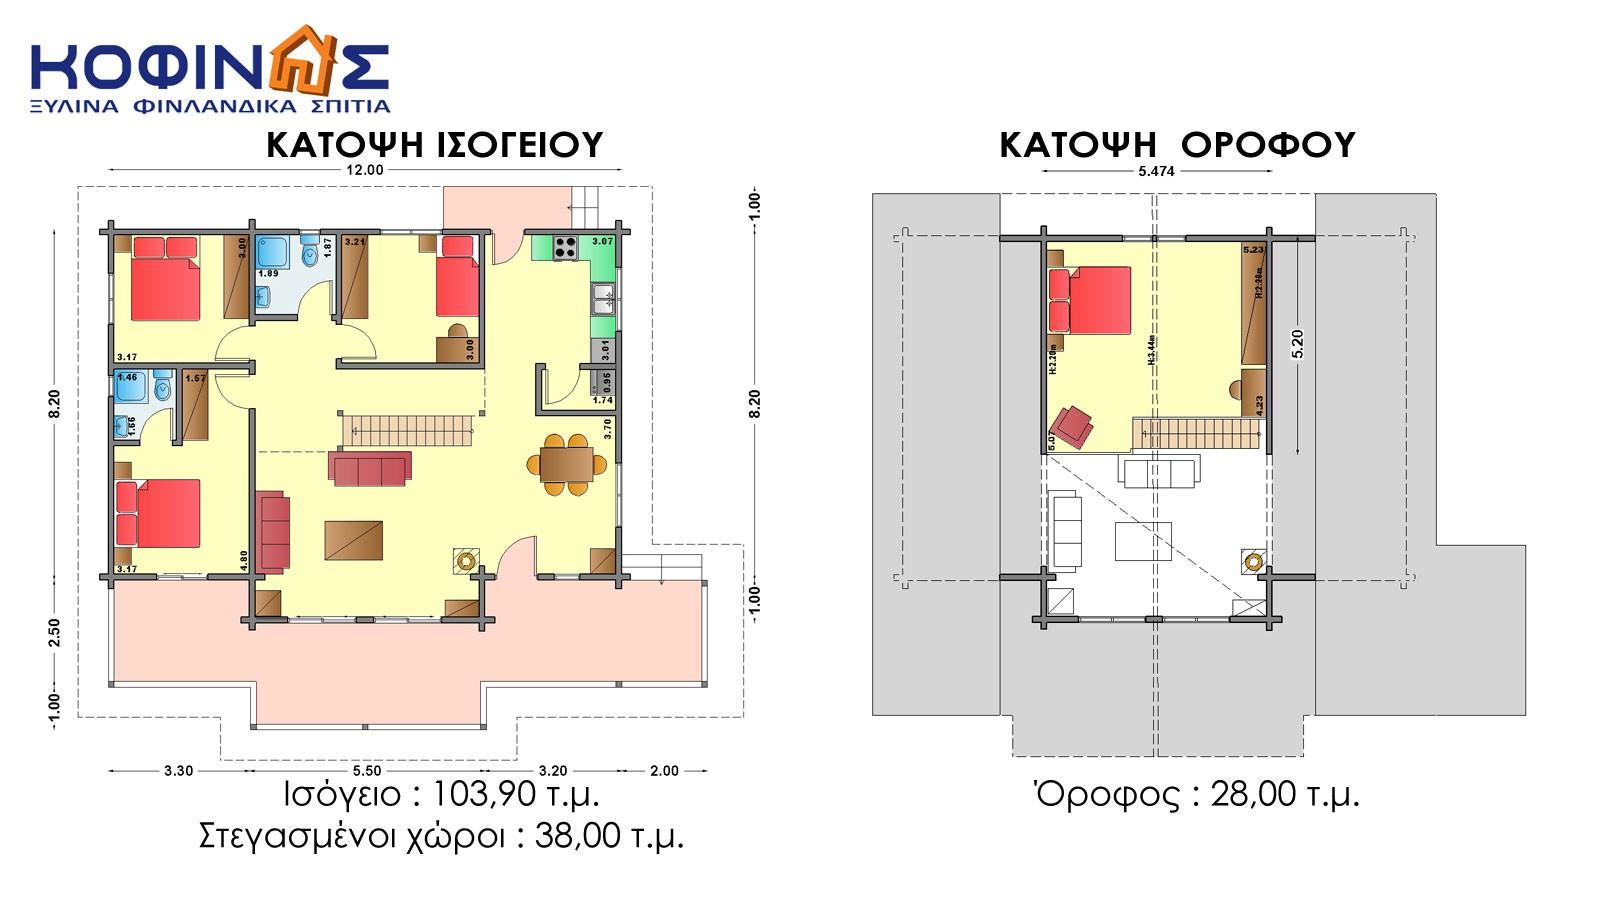 Διώροφη Ξύλινη Κατοικία XD-131, συνολικής επιφάνειας 131,90 τ.μ.